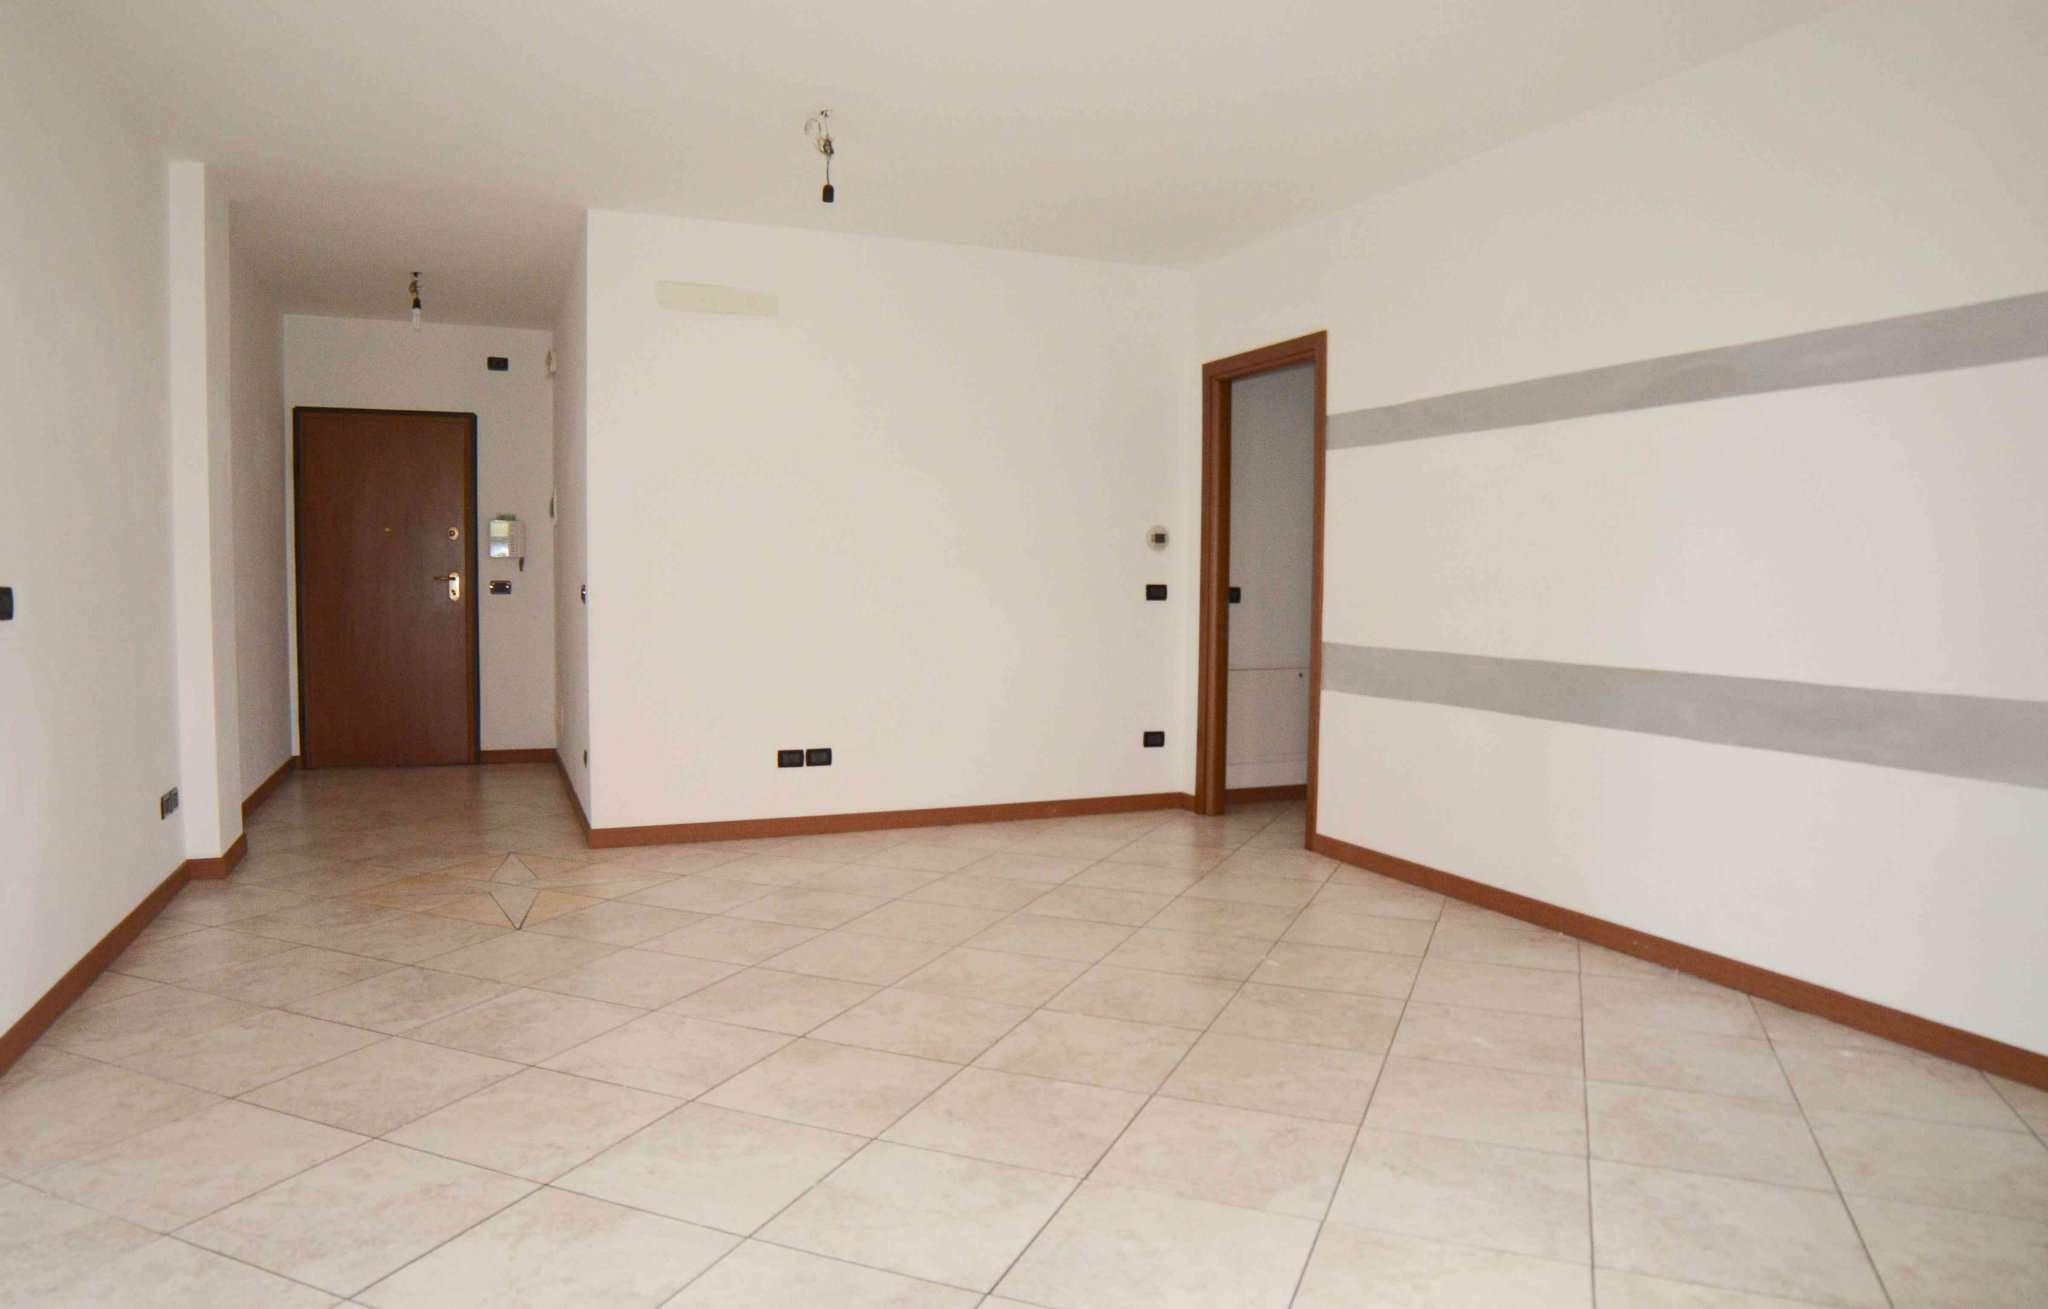 Appartamento in vendita a Fossò, 3 locali, prezzo € 105.000 | CambioCasa.it